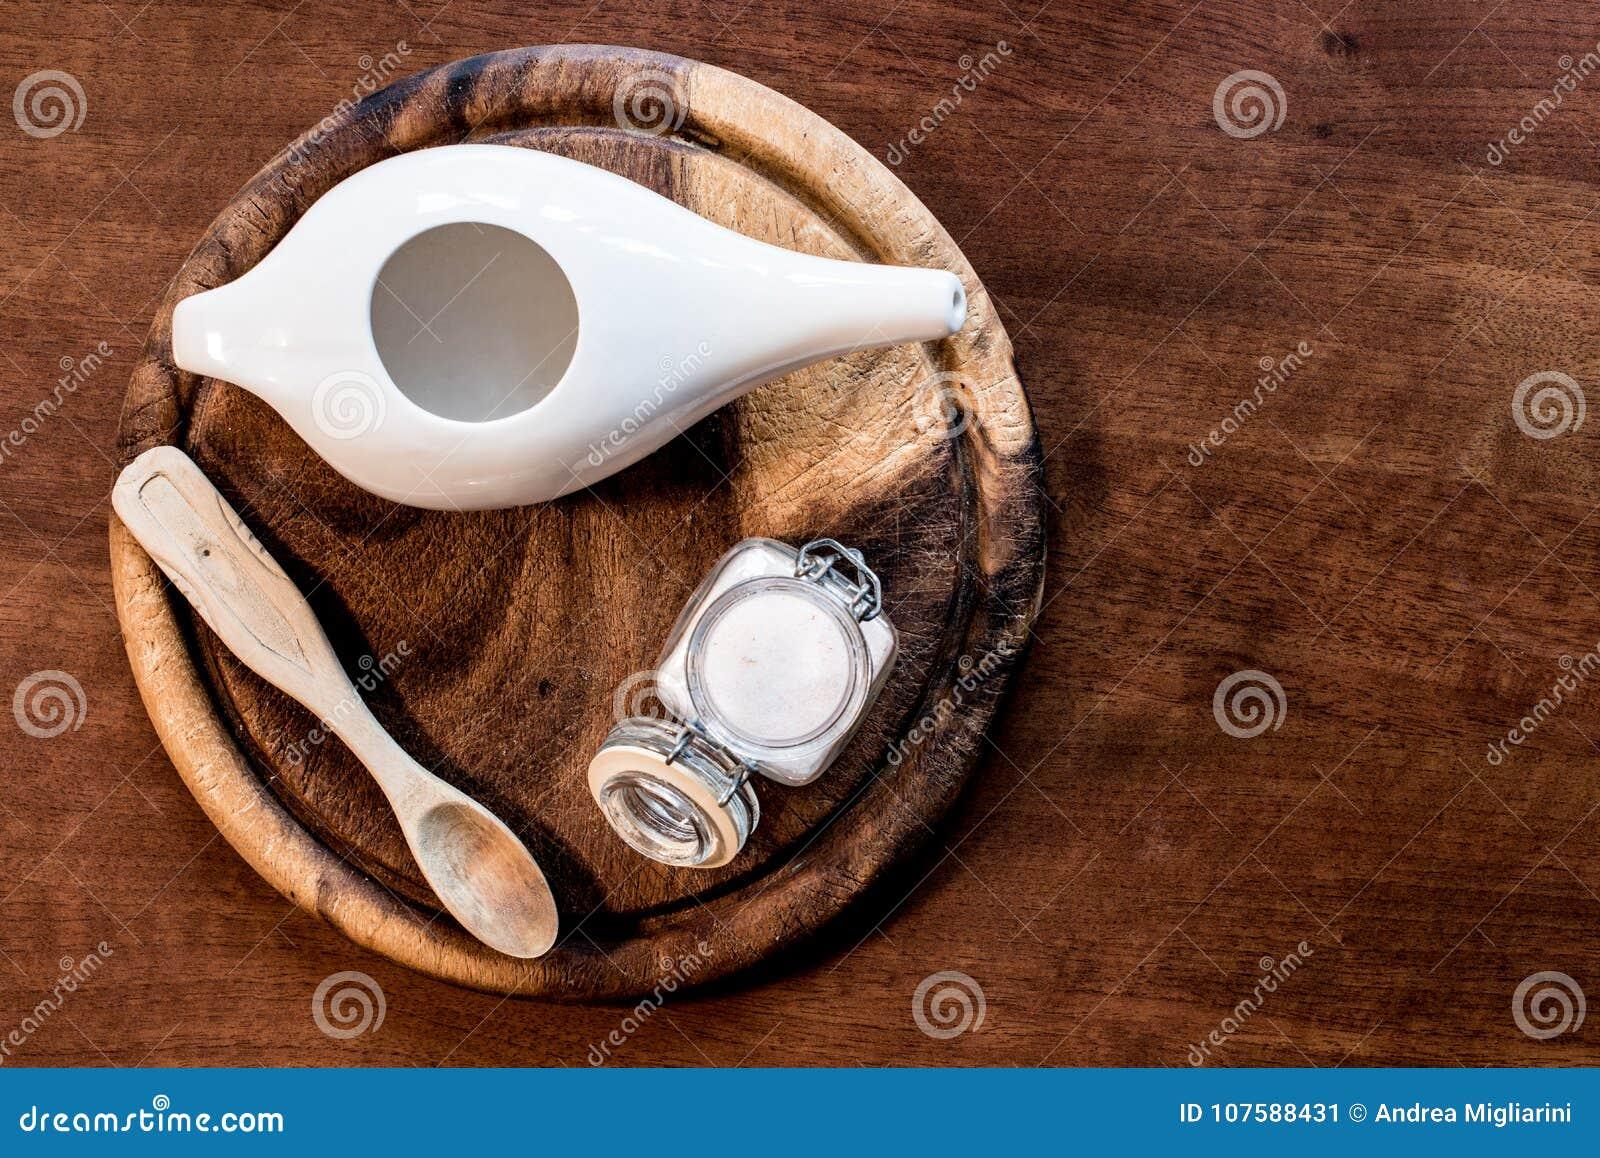 Reeks voor het gebruik van netipot, ayurvedic systeem om neus schoon te maken,